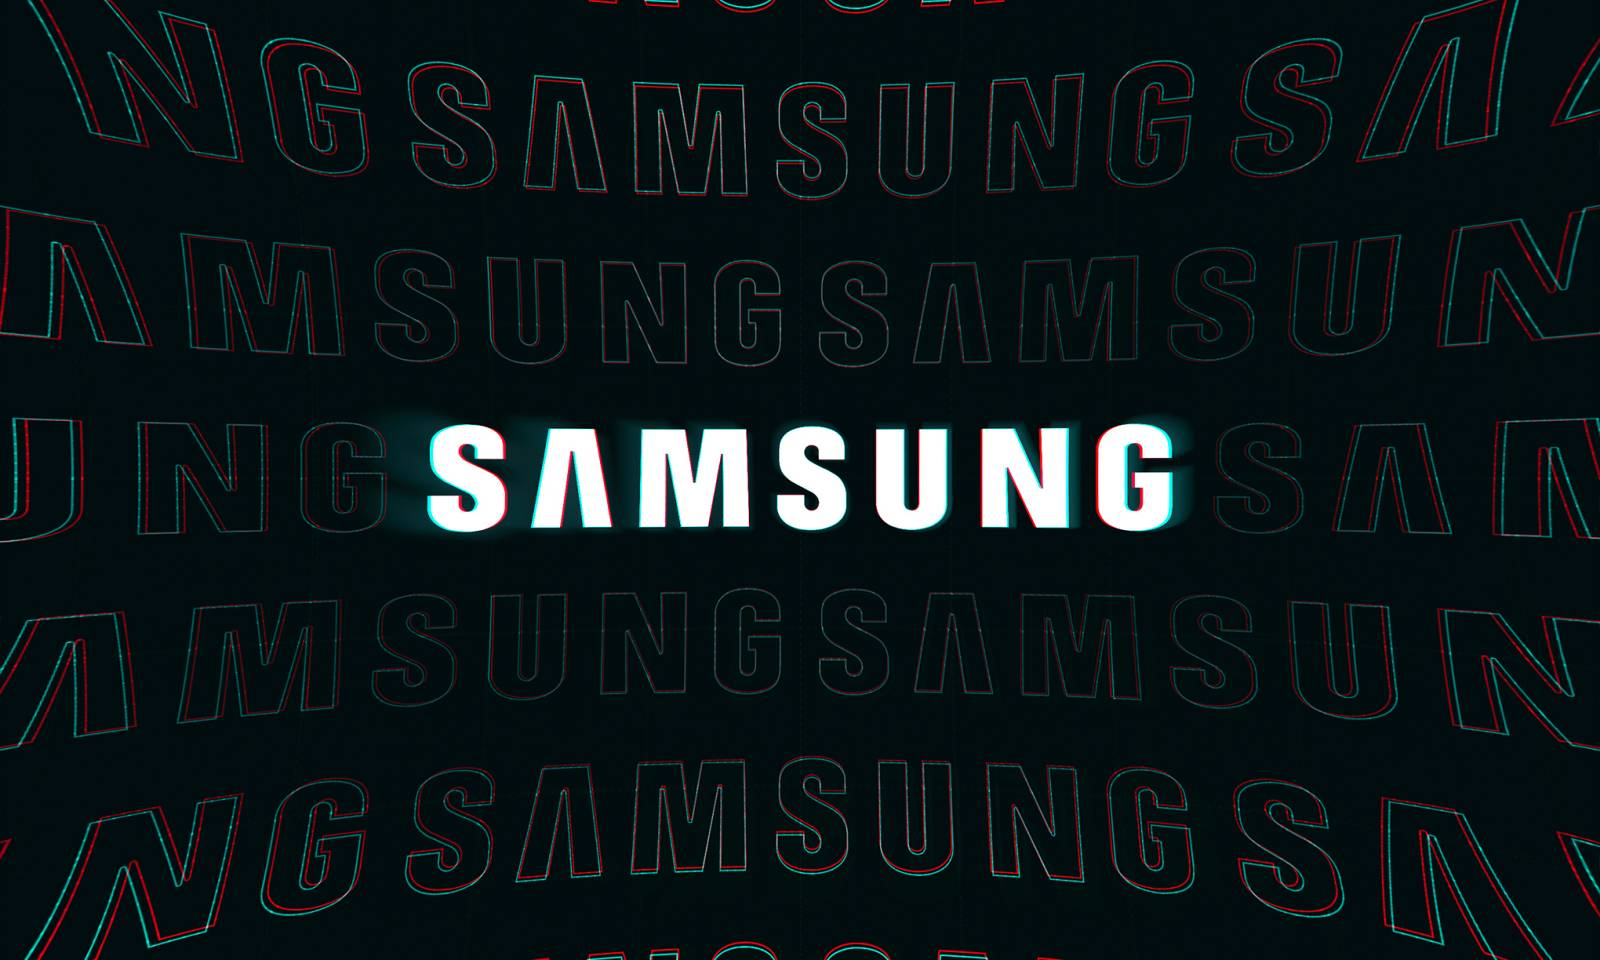 Samsung scuze